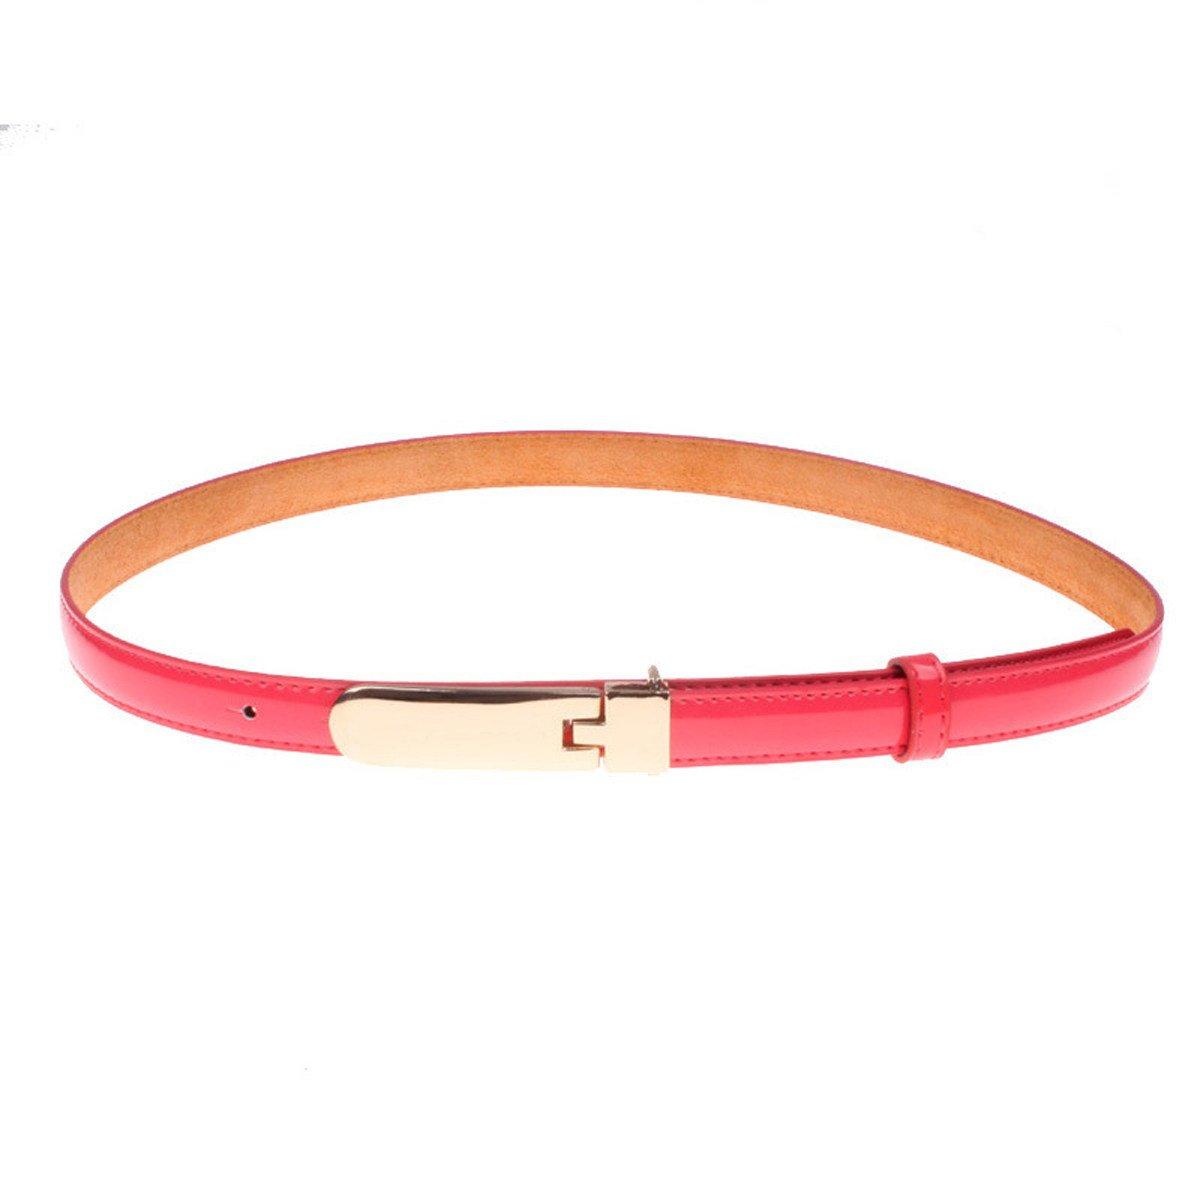 Salvaje Color Caramelo Charol Mujer Bien Cinturón Decoración Vestido ... 35cb0715dc31